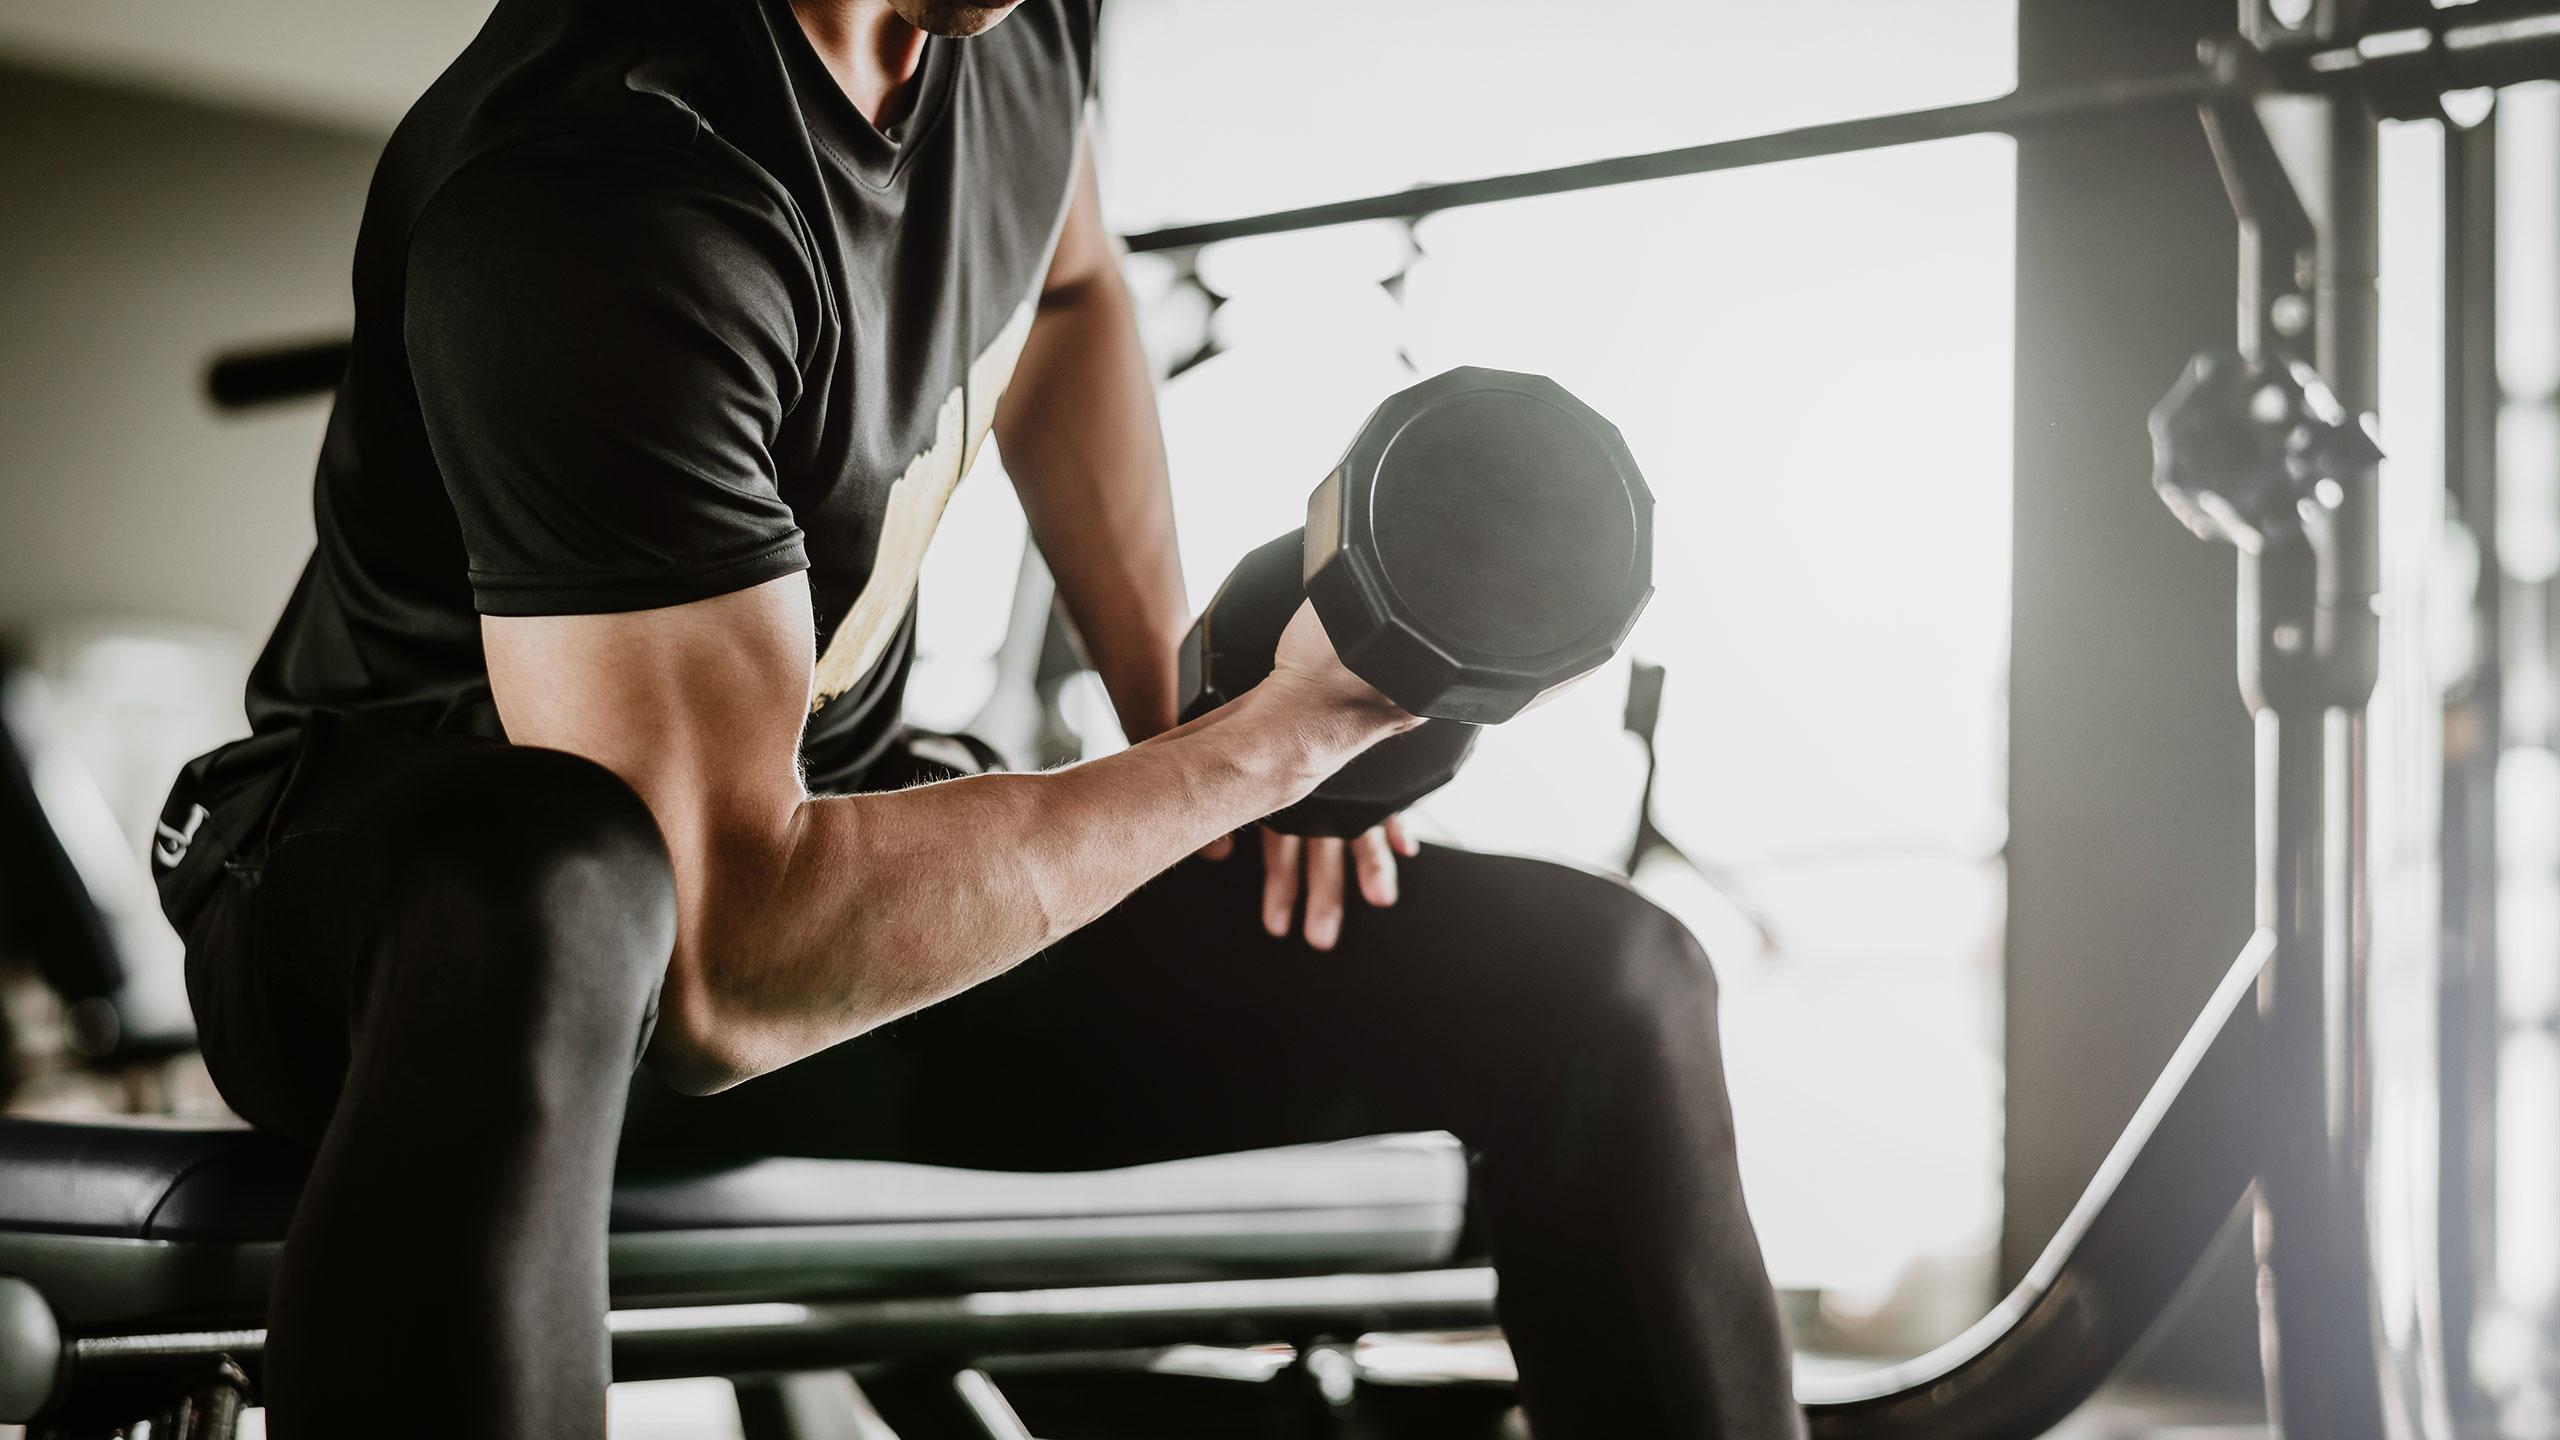 Strength Training & Exercise image